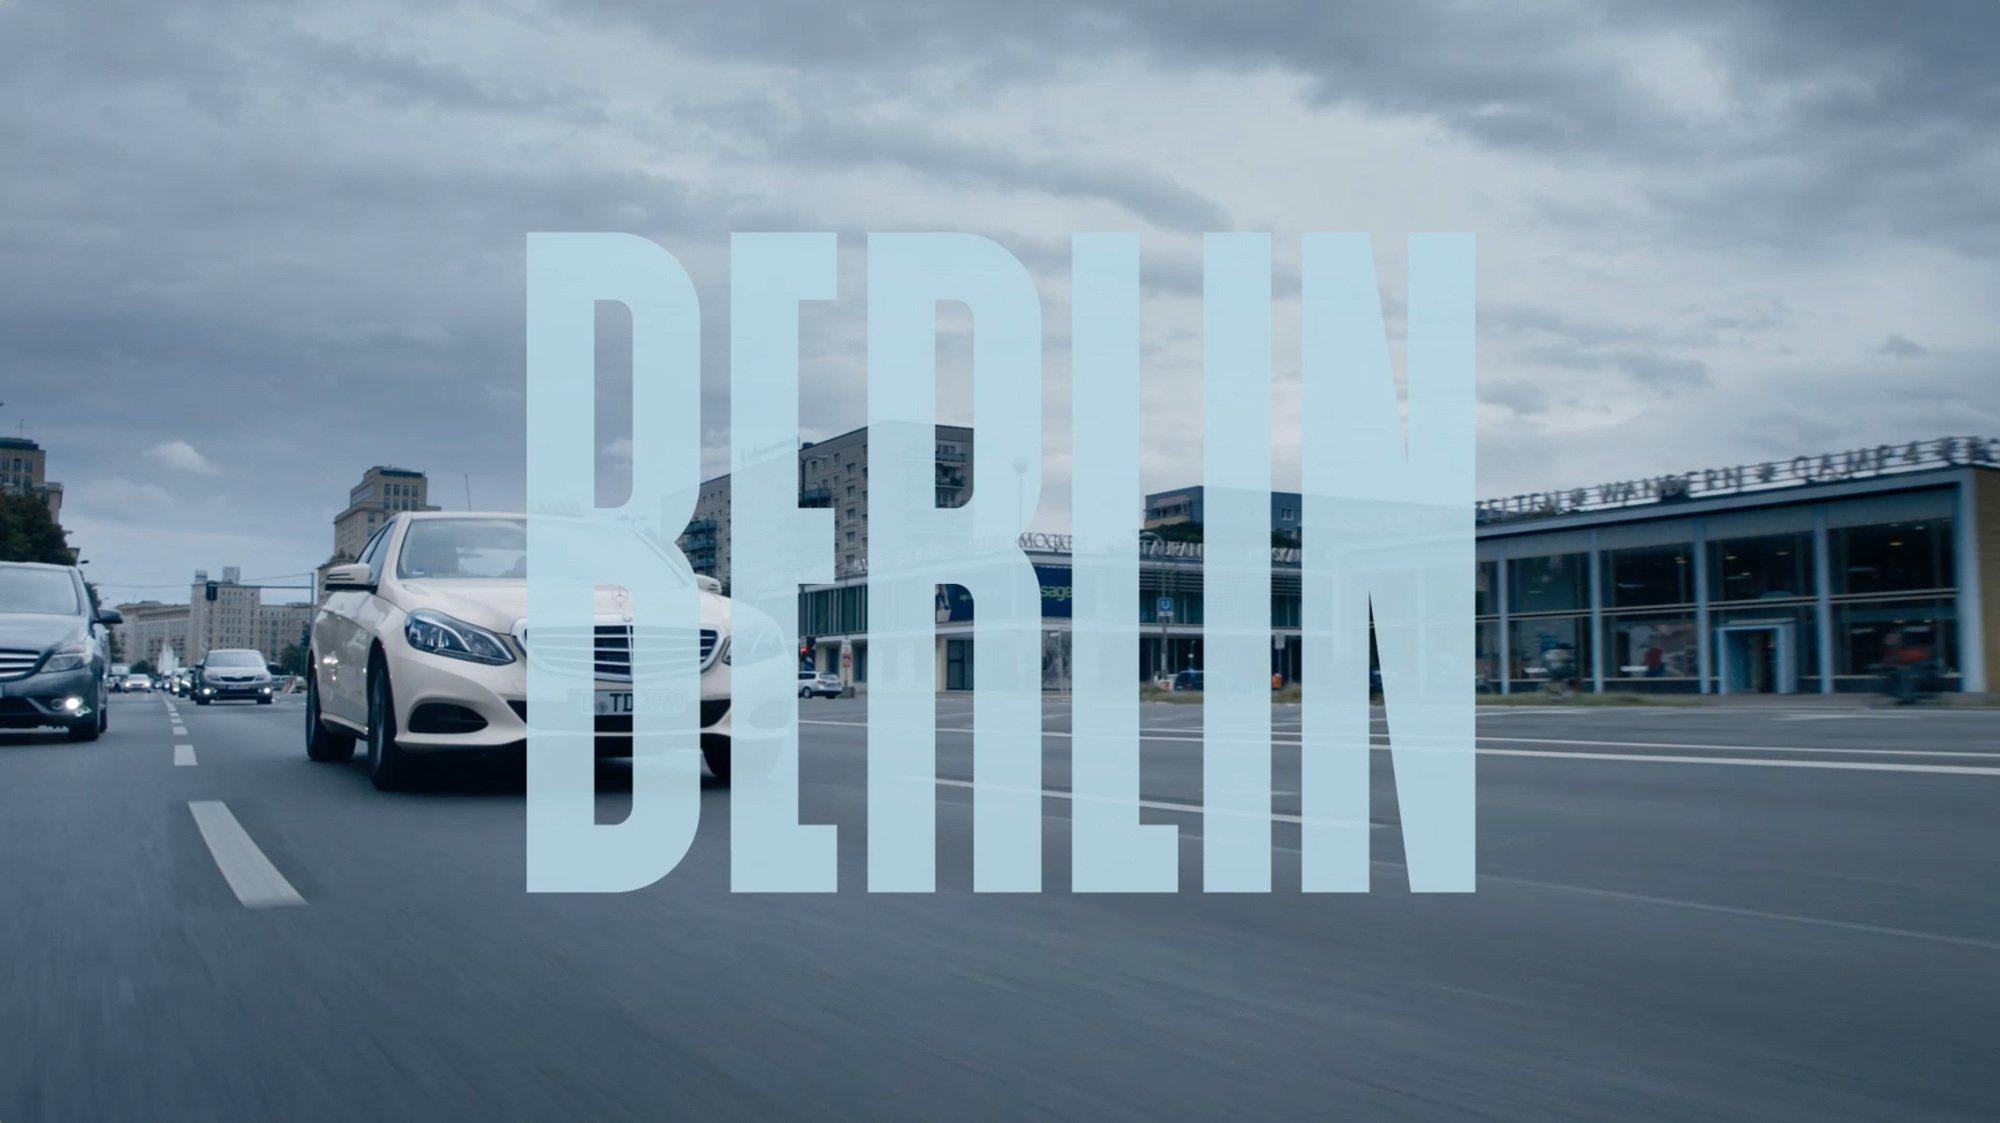 KE BERLIN